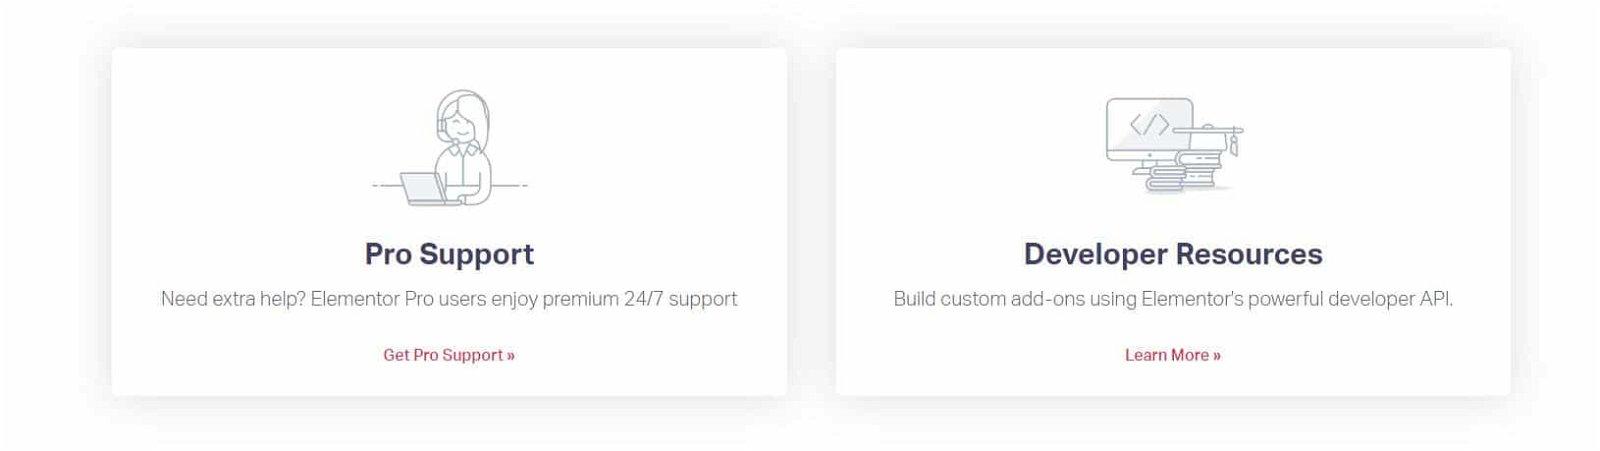 Recensione Elementor: come usare il page builder migliore per Wordpress 47